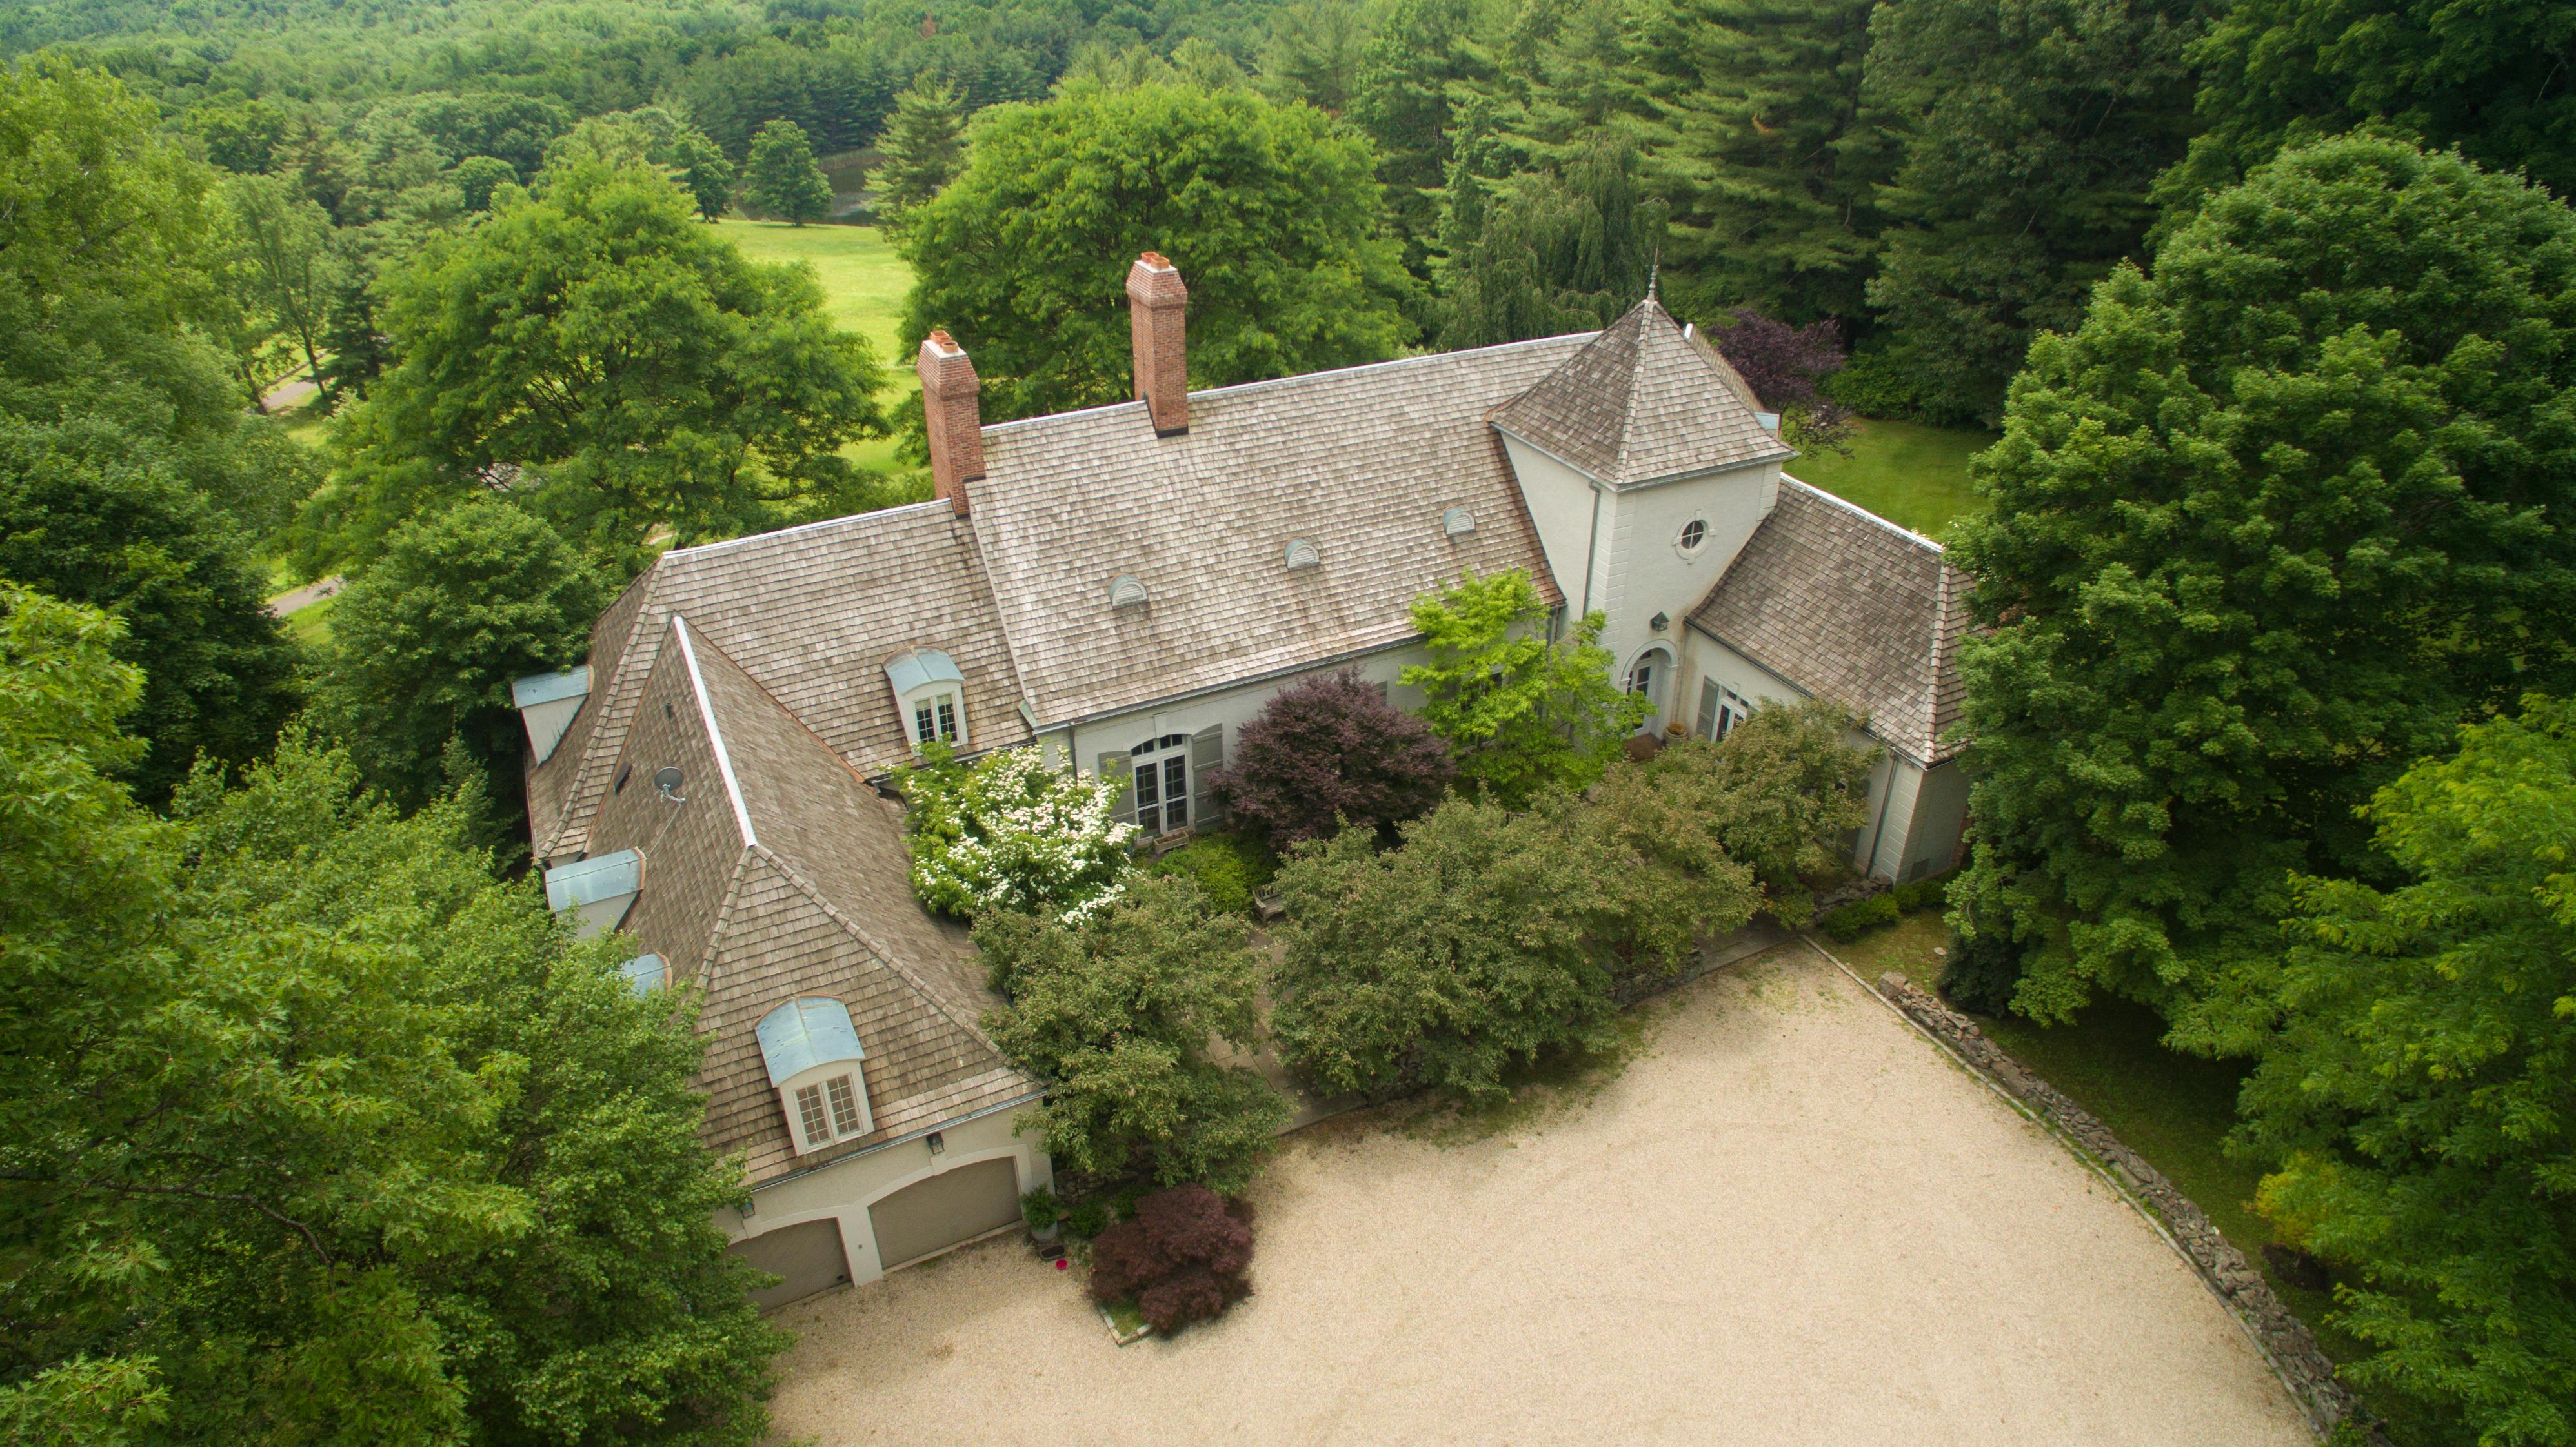 Maison unifamiliale pour l Vente à Sugar Hill Farm Sugar Hill Road Salisbury, Connecticut 06068 États-Unis